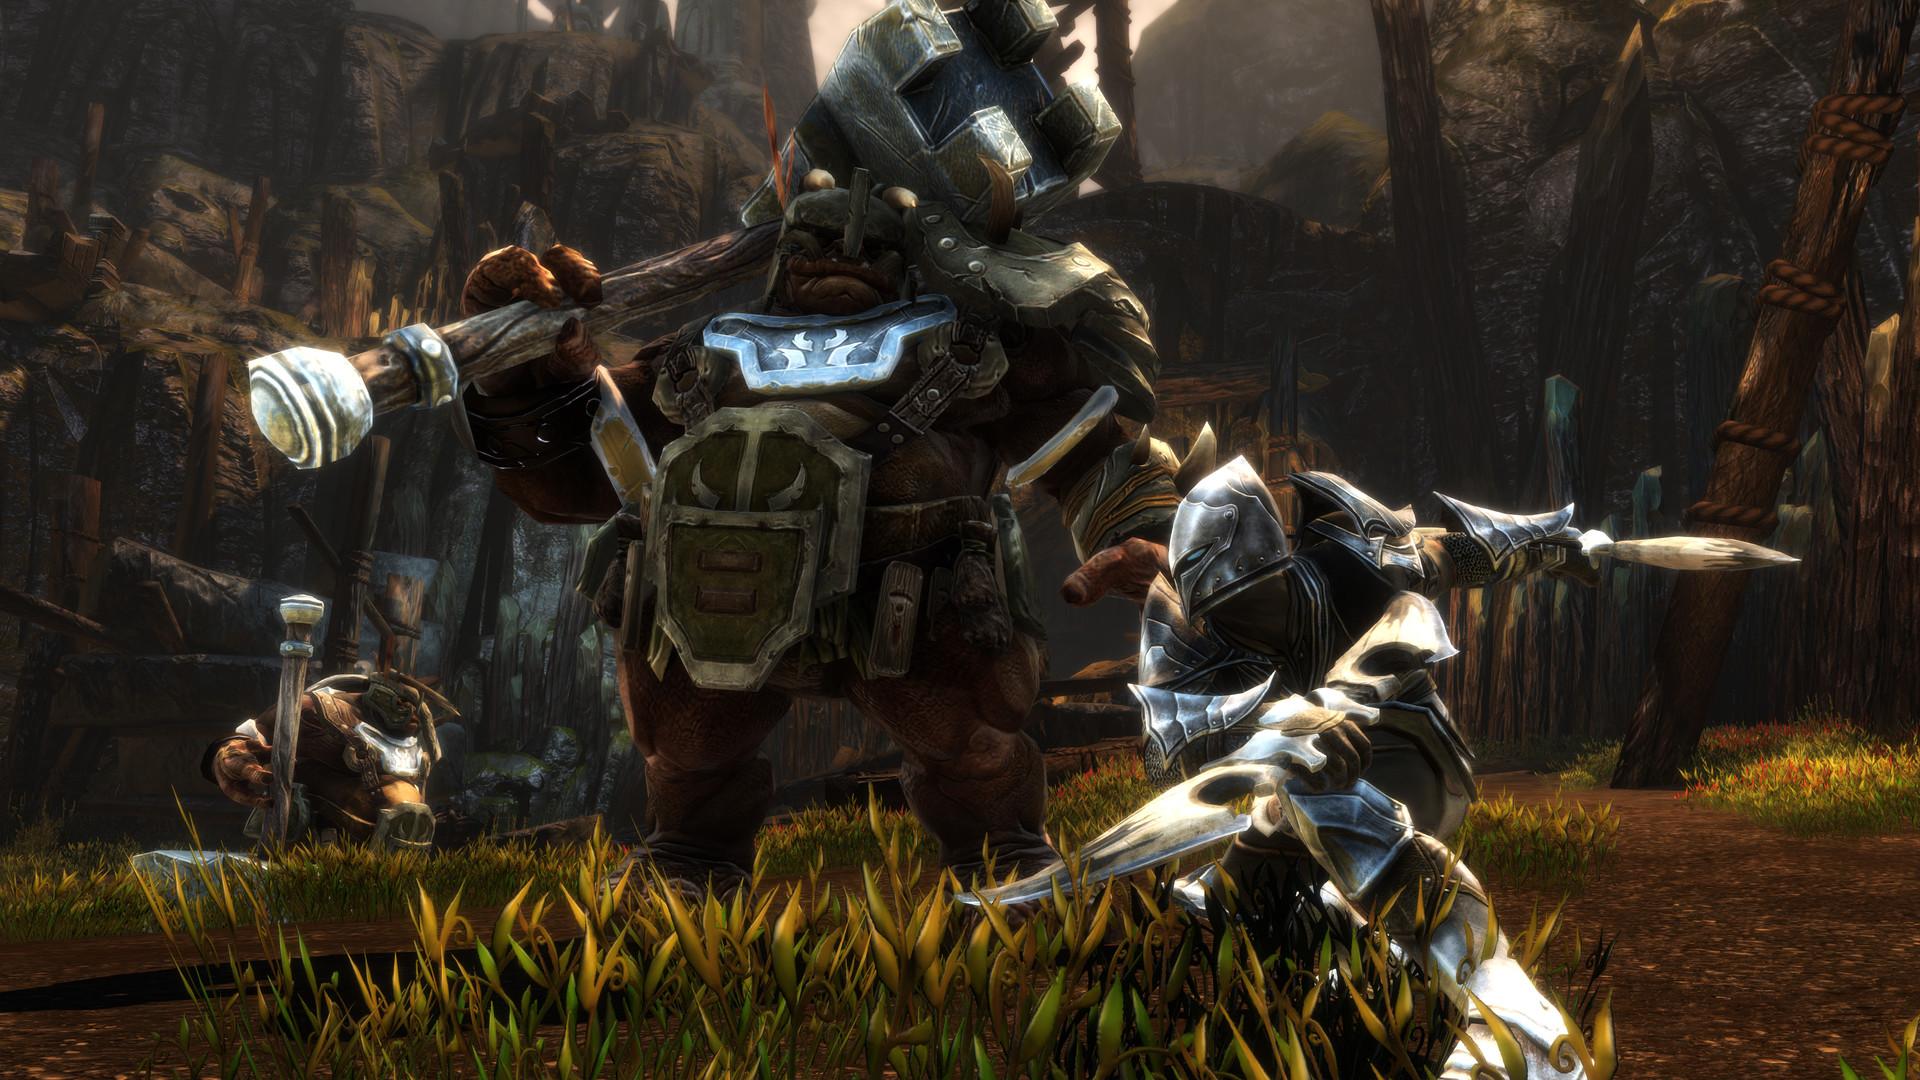 kingdom-of-amalur-re-reckoning-pc-screenshot-01